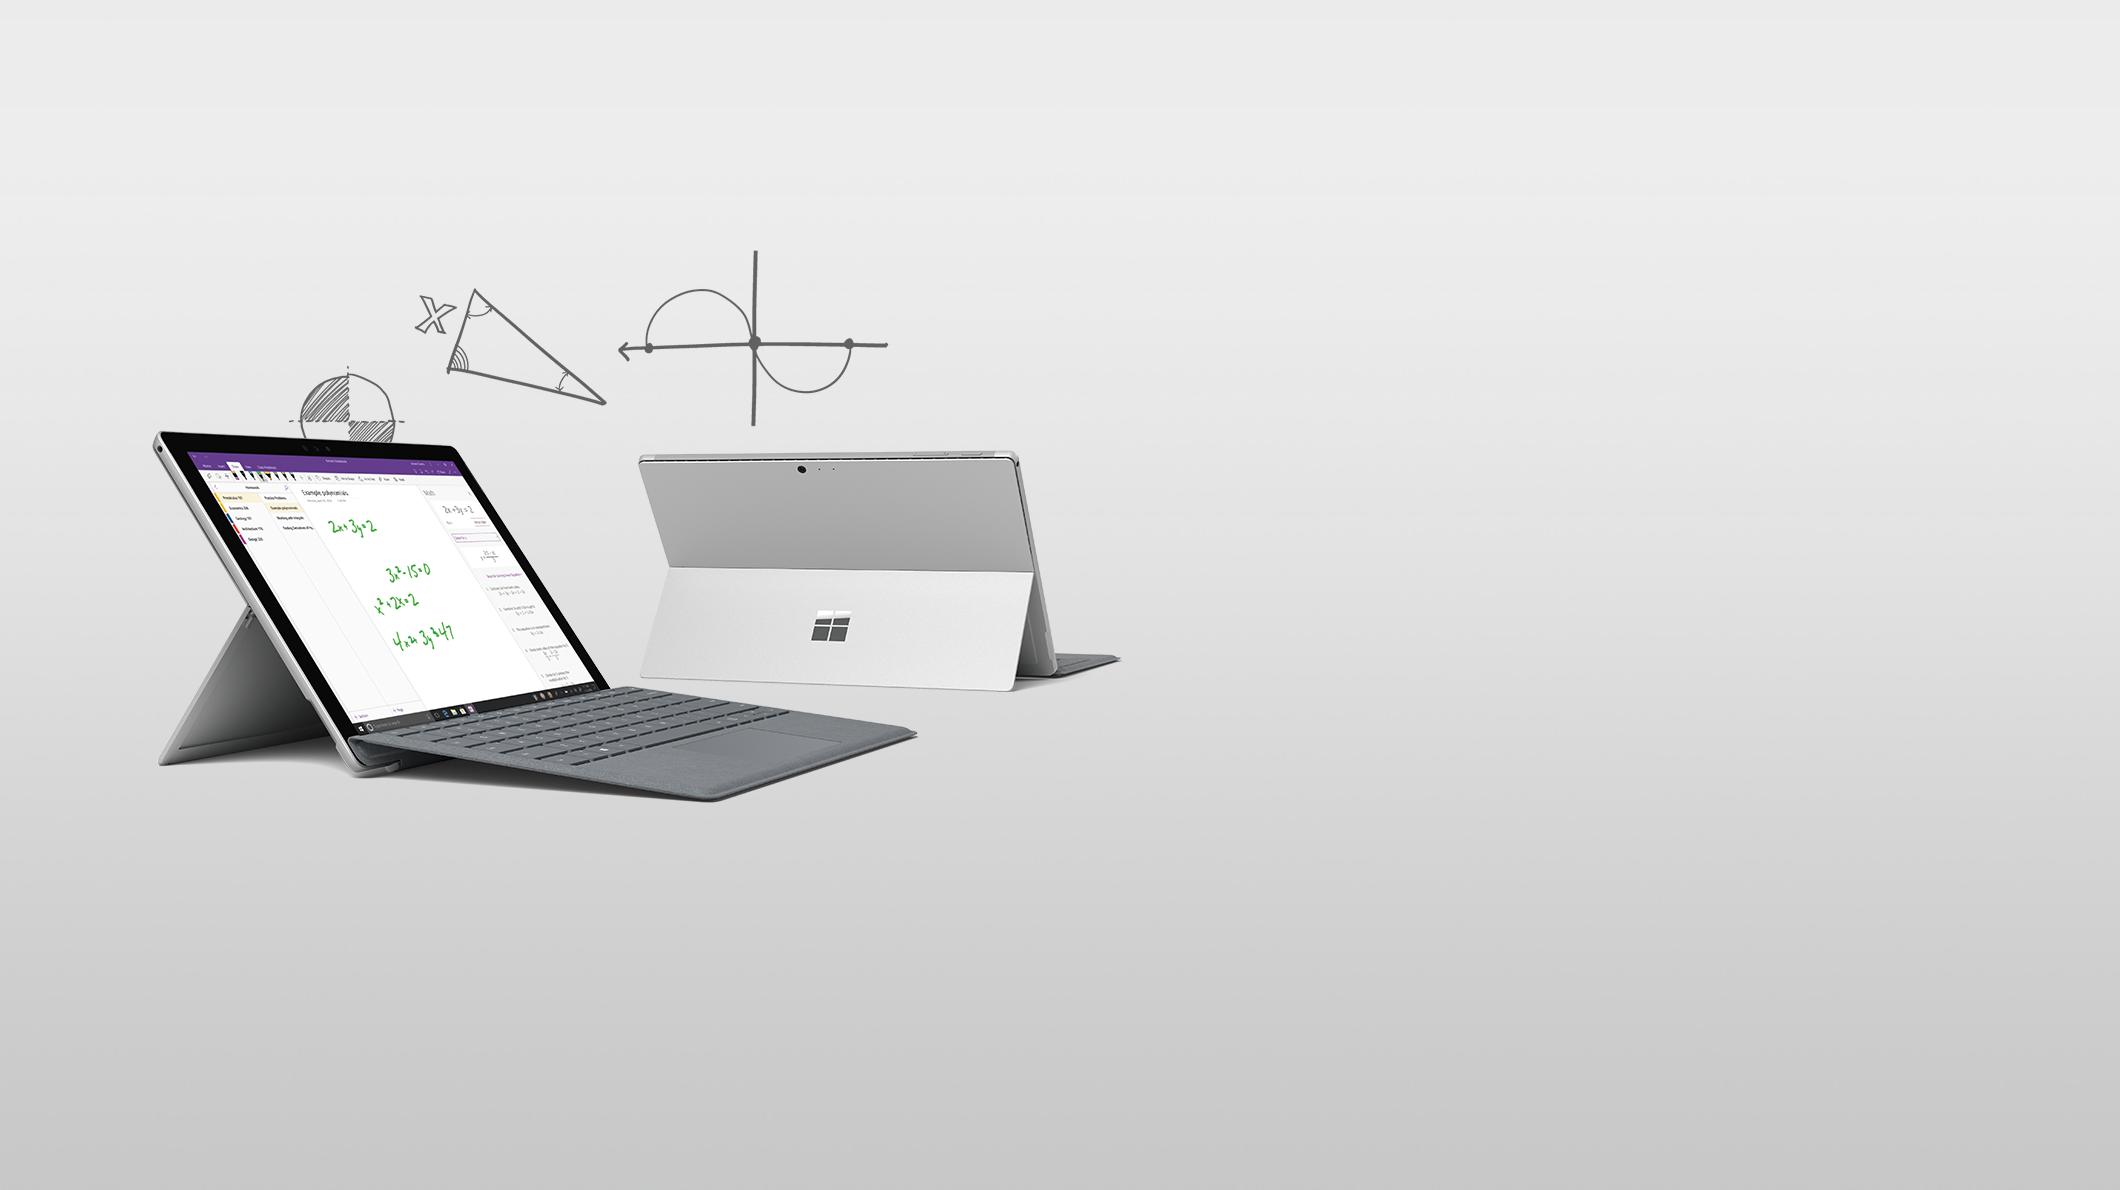 Deux Surface Pro avec différents angles de vue